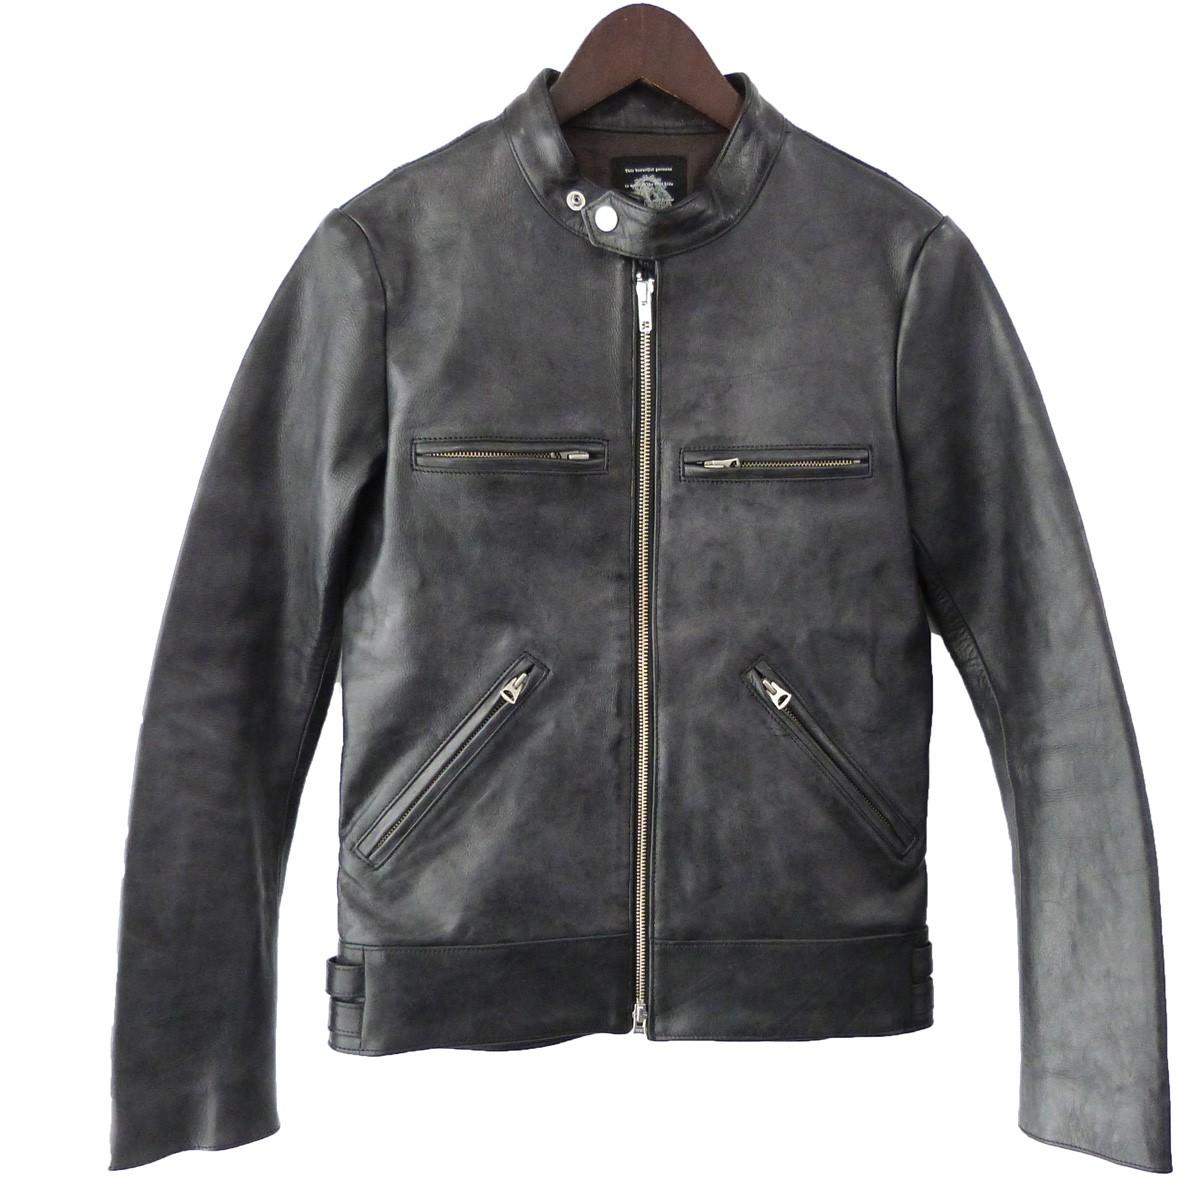 【中古】ACANTHUS 12SS シングルライダースジャケット ブラック サイズ:S 【010220】(アカンサス)